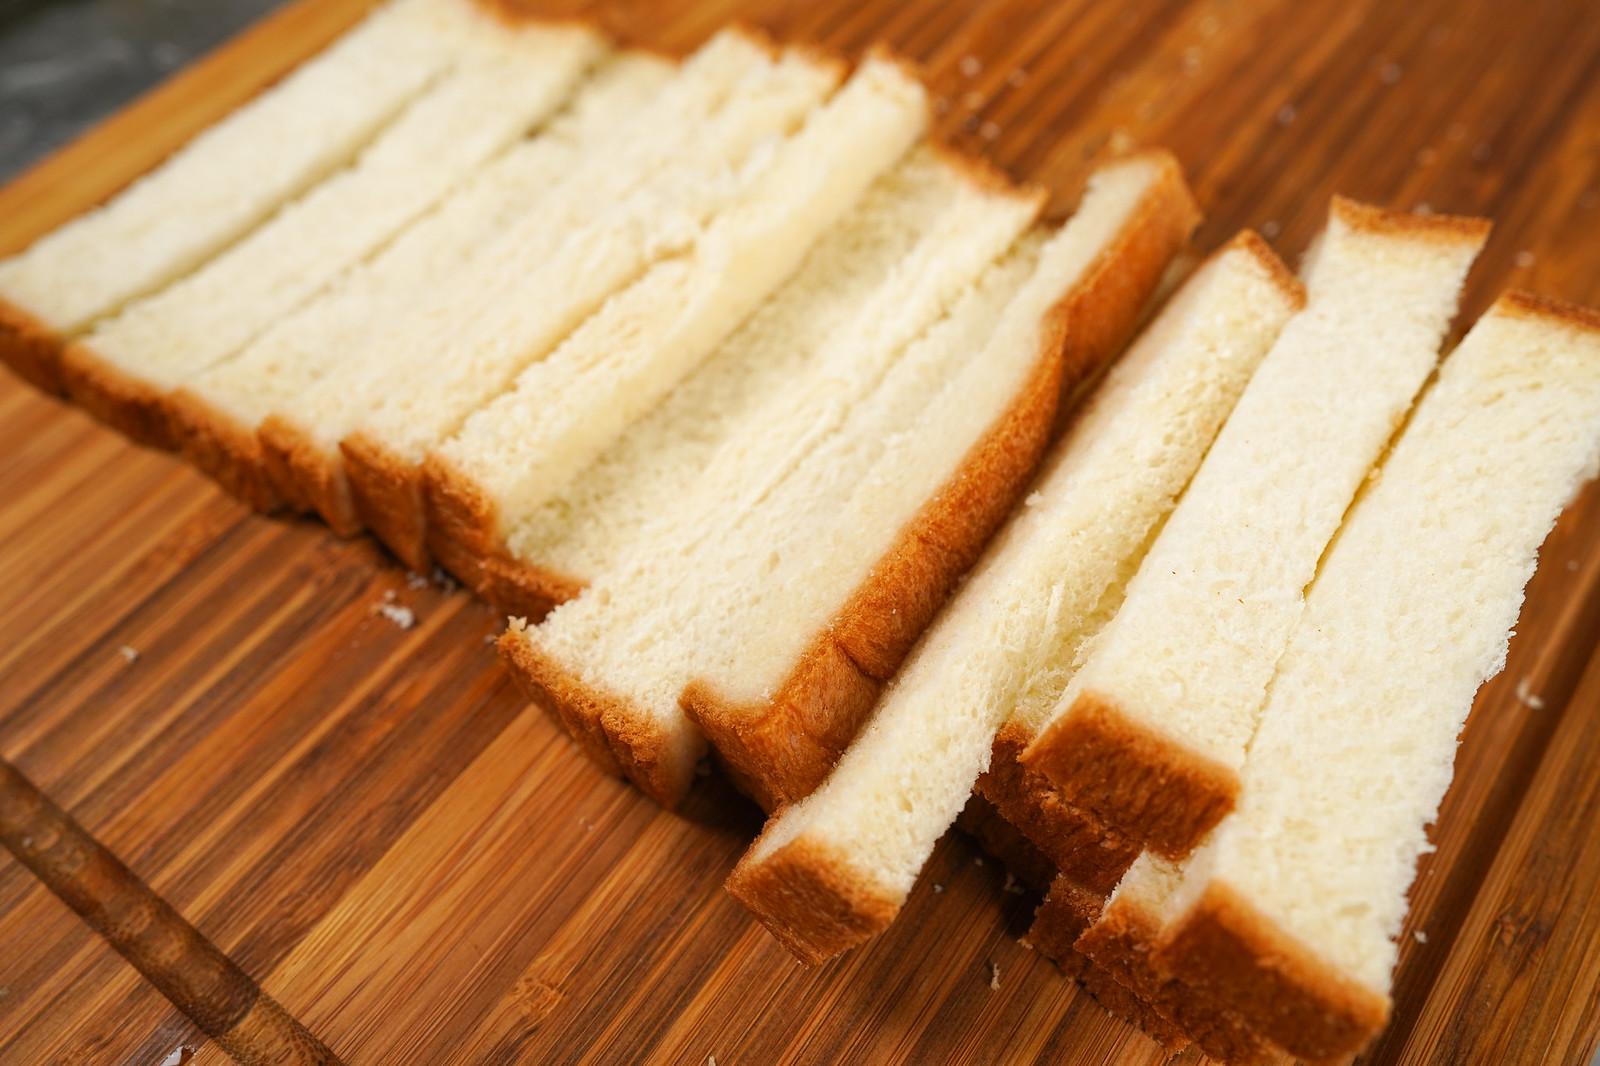 將土司切成適當條狀